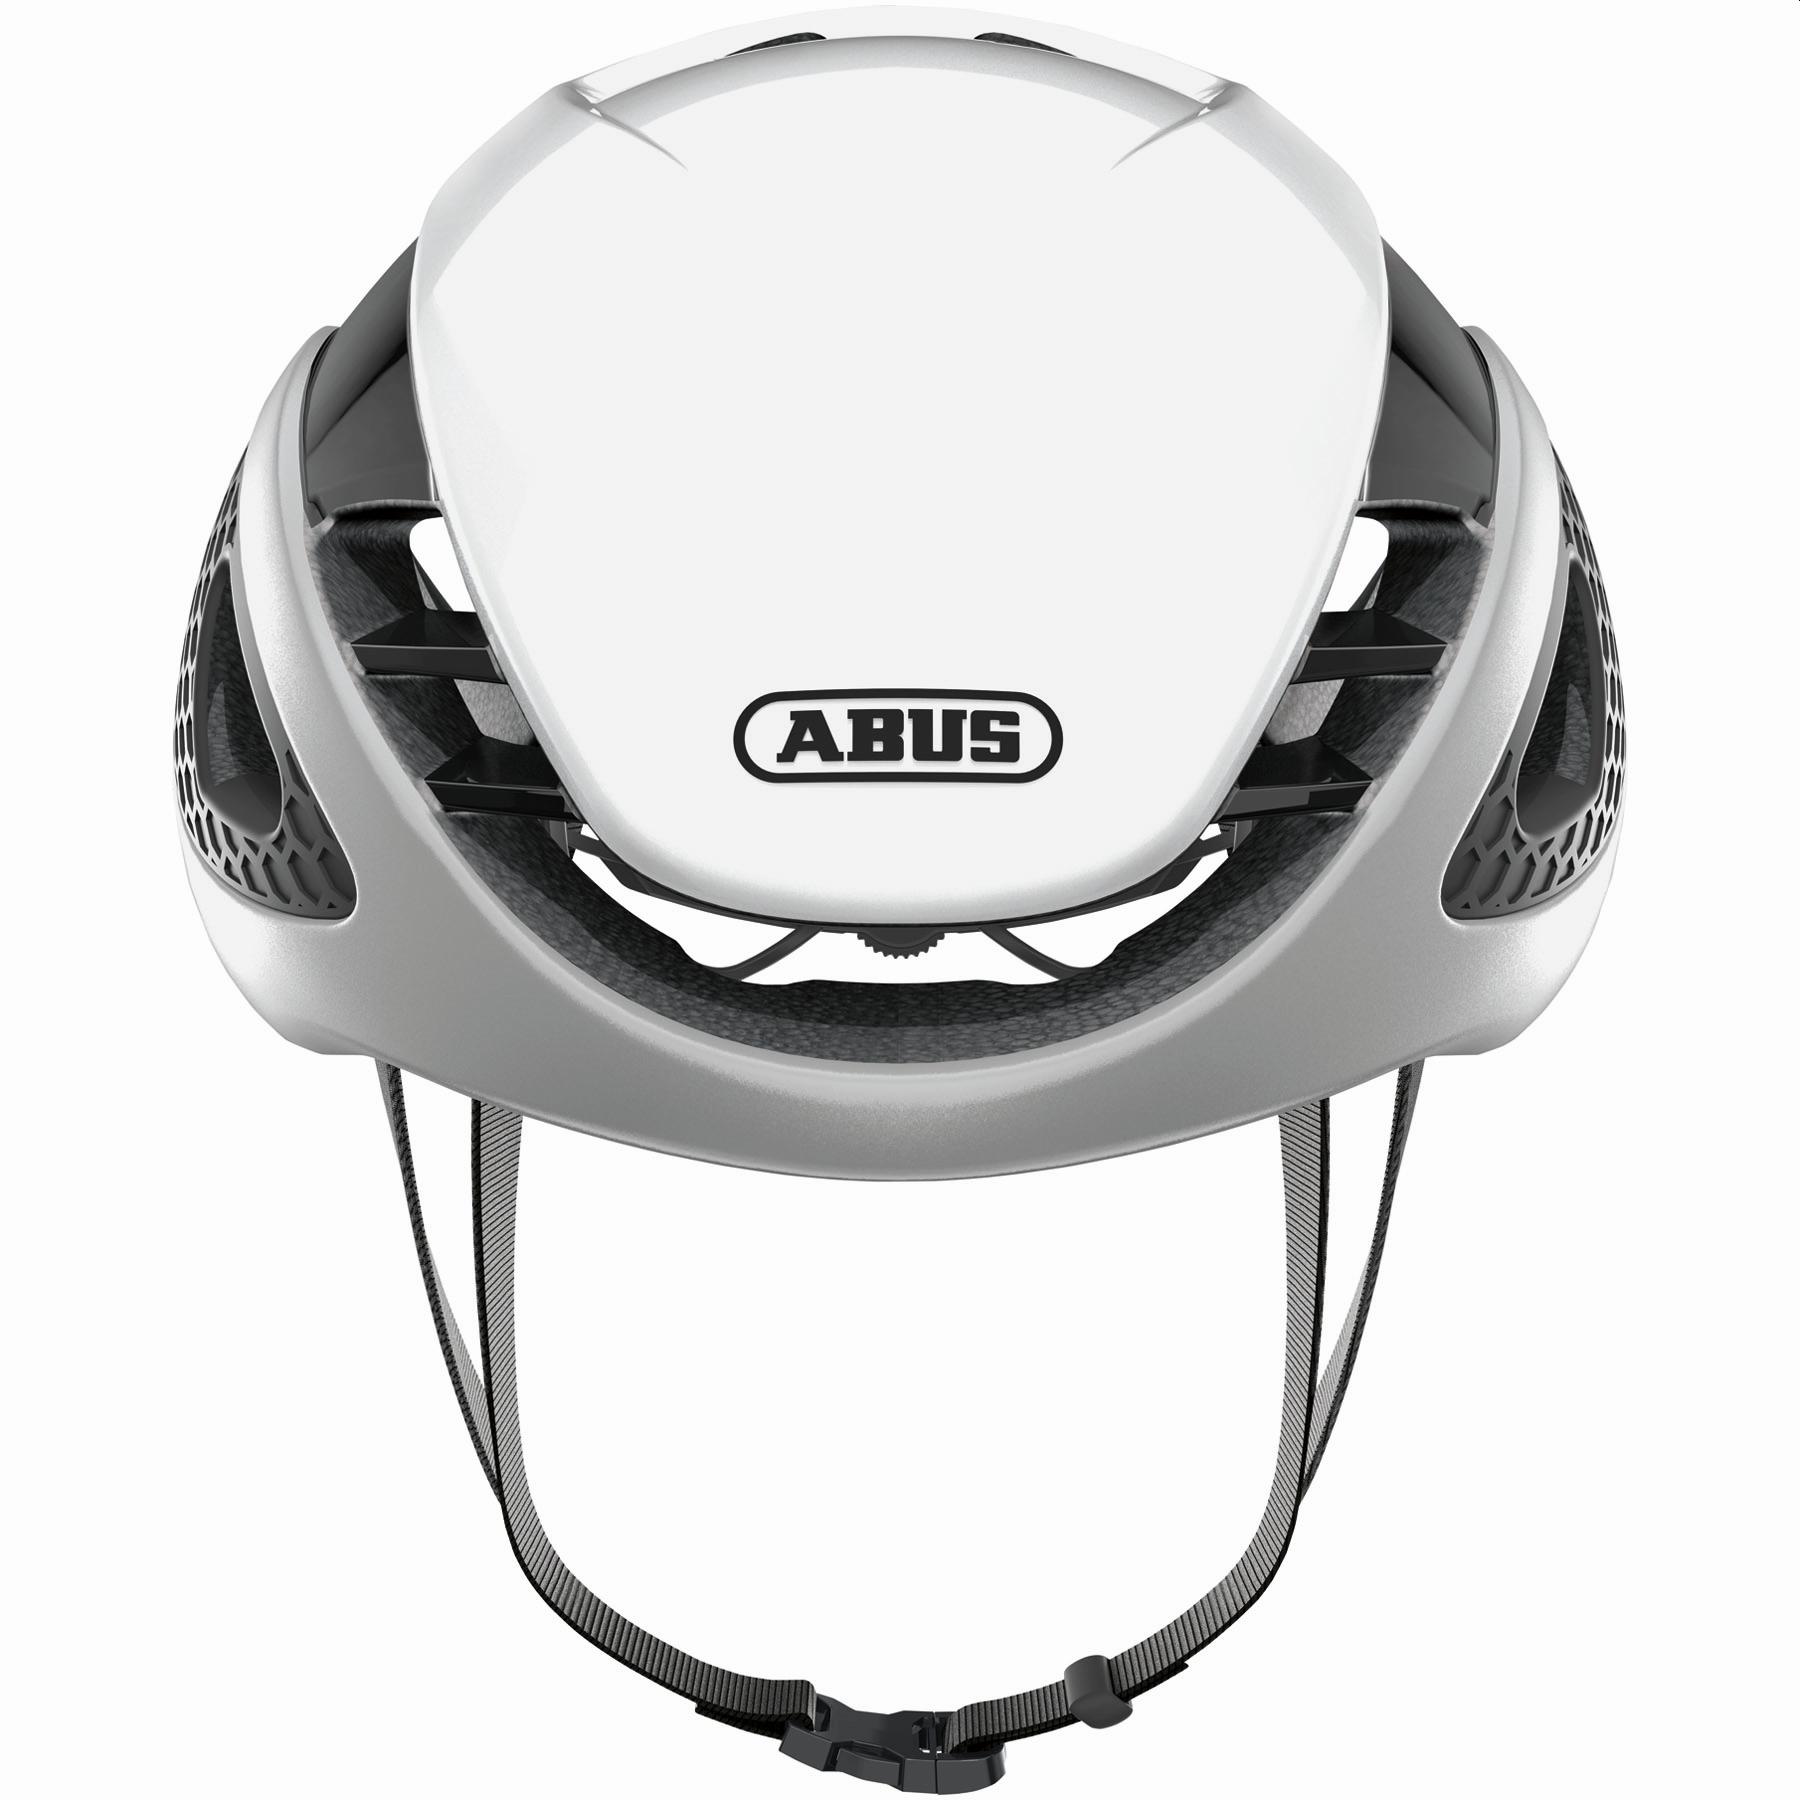 Imagen de ABUS GameChanger Casco de Bicicleta - silver white